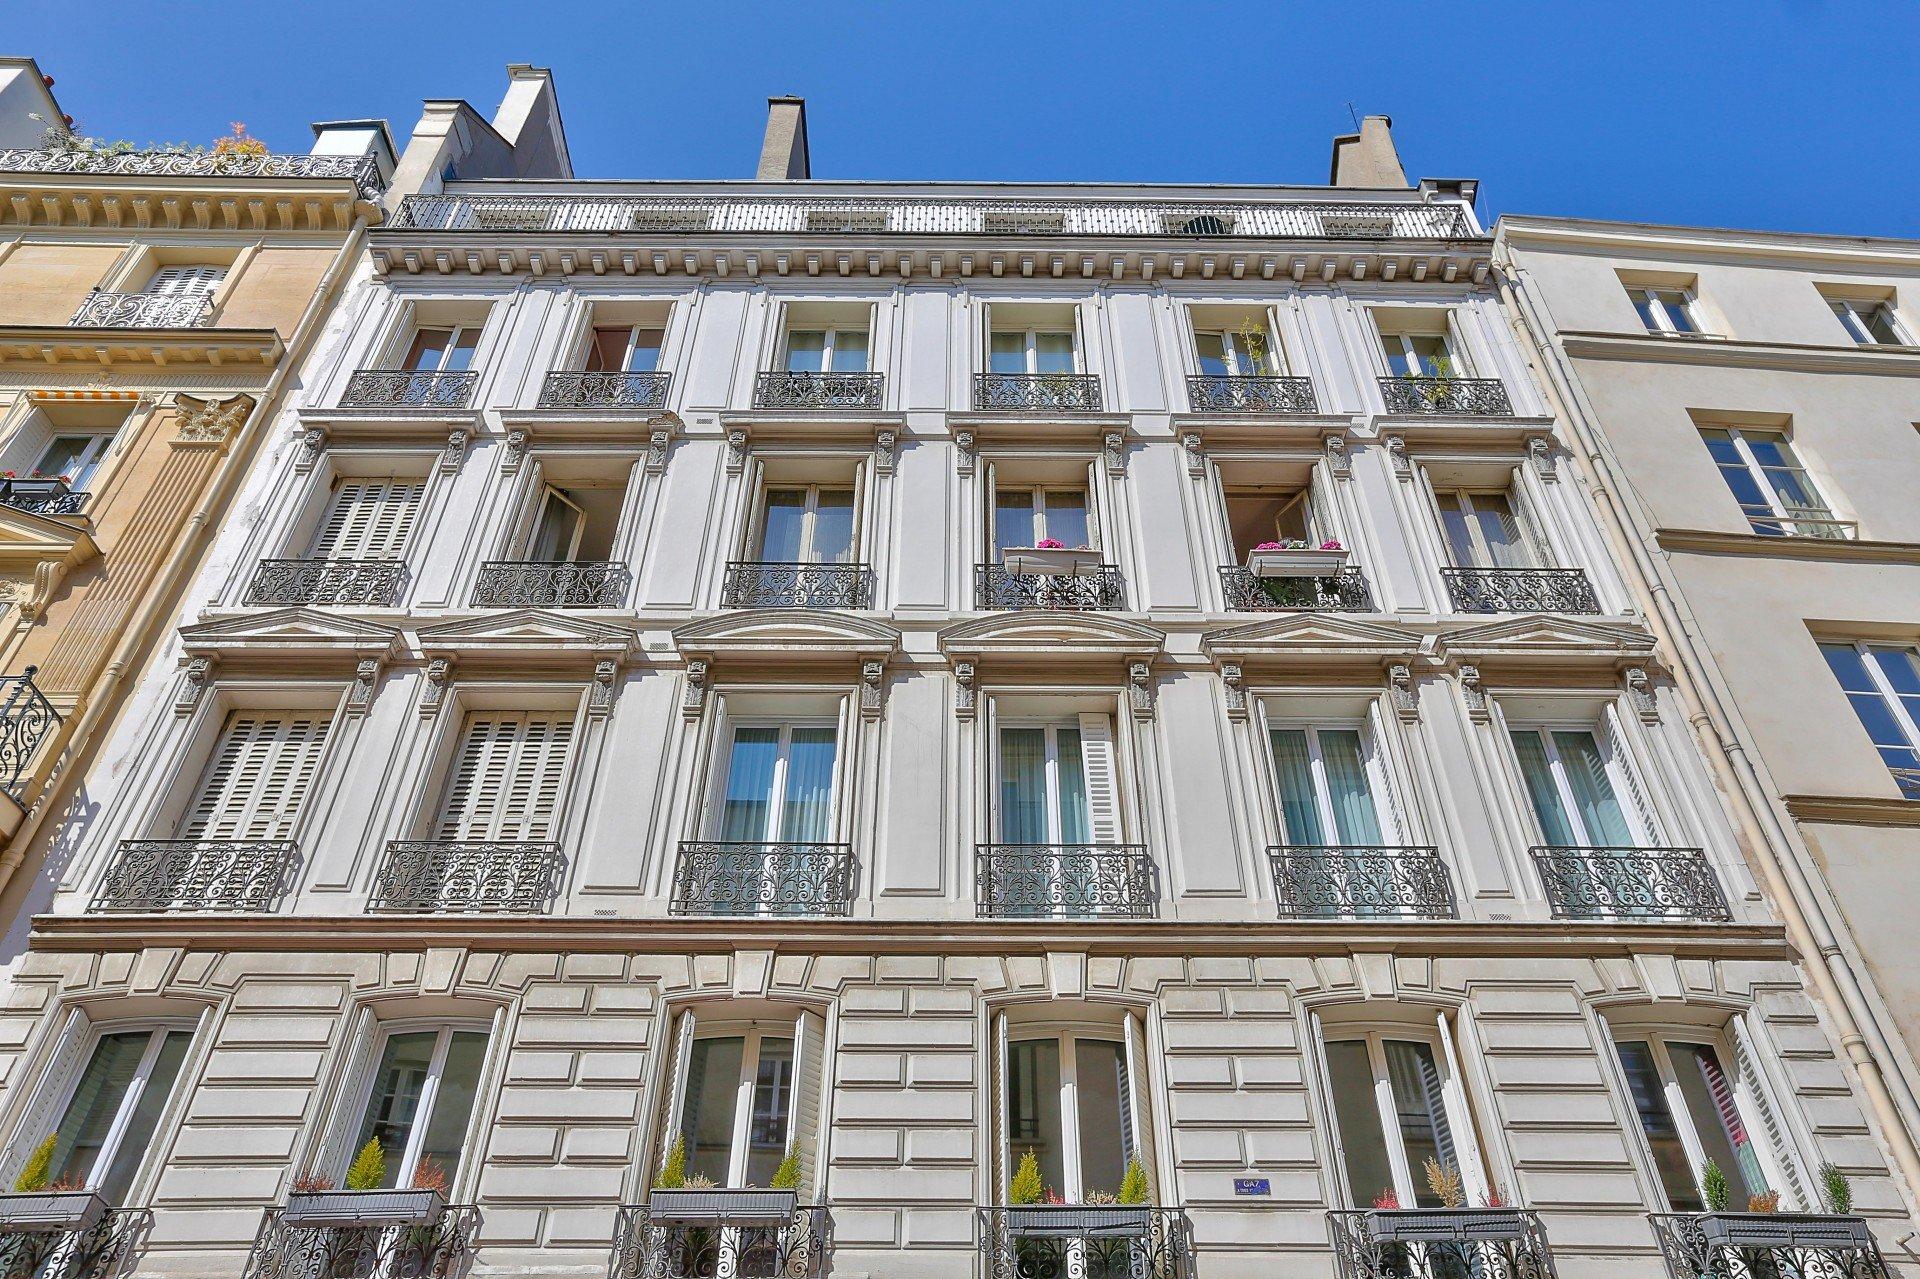 Paris - IX ème - LORETTE - MARTYRS  - RUE LAMARTINE - 5 PIÈCES - TRAVERSANT - PLEIN SOLEIL - 3 CHAMBRES POSS 4 - CACHET INCROYABLE  -  AGENCEMENT PARFAIT - CALME .